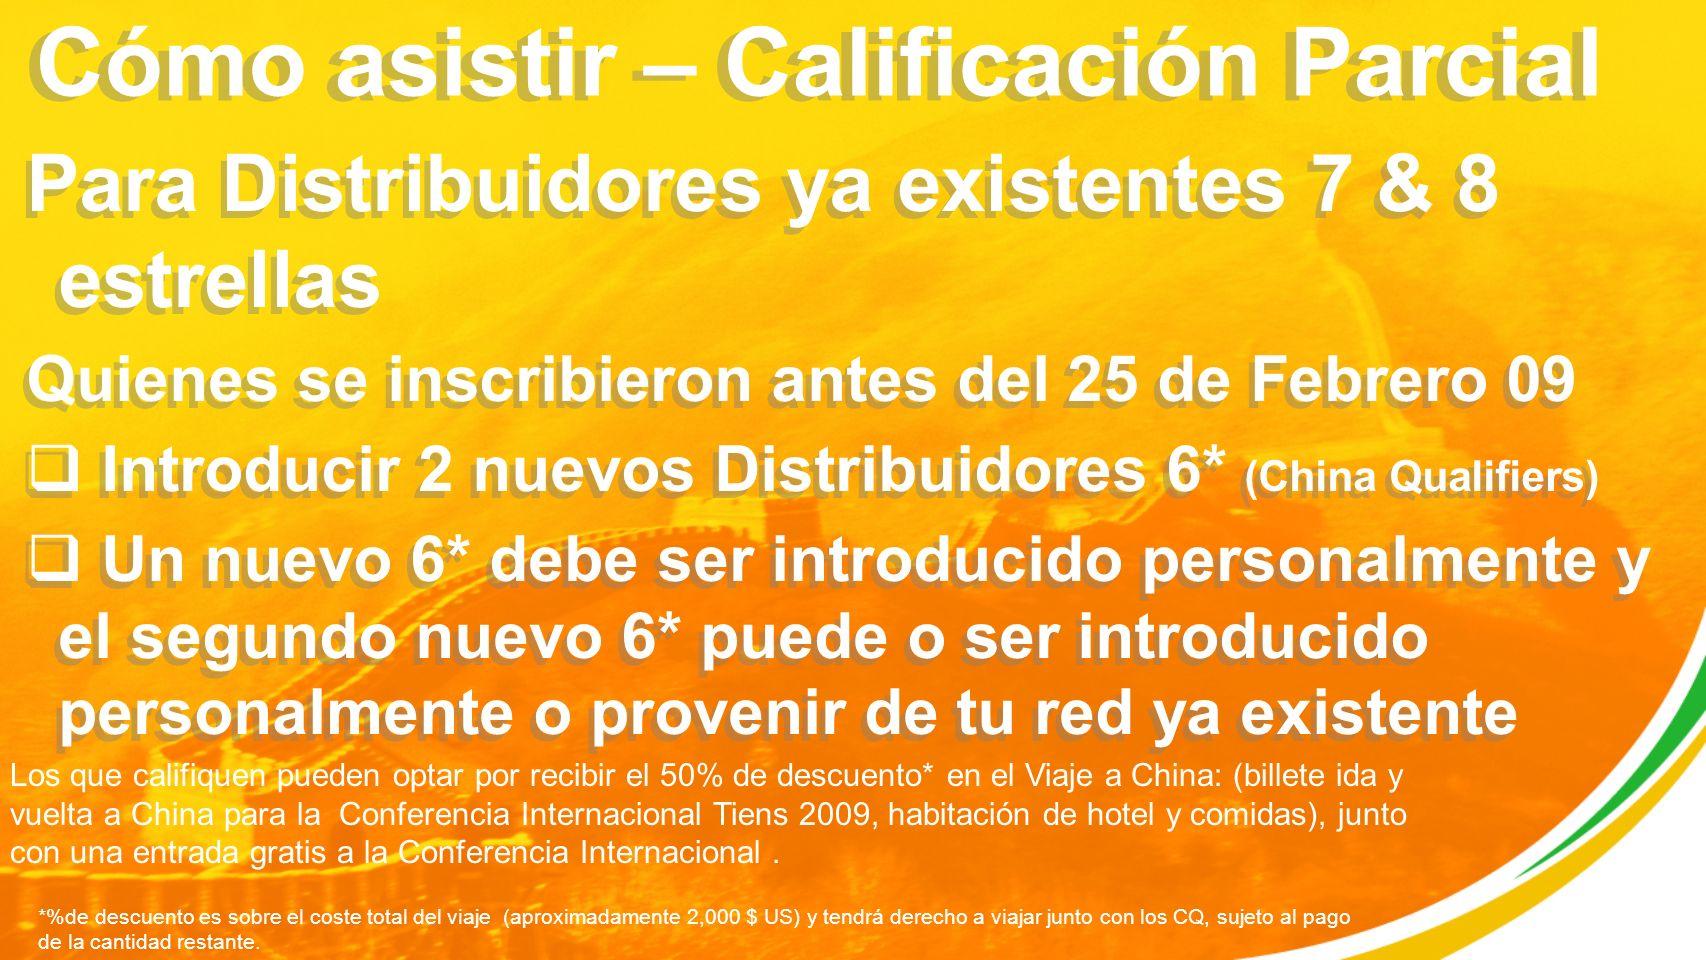 Cómo asistir – Calificación Parcial Para Distribuidores ya existentes 7 & 8 estrellas Quienes se inscribieron antes del 25 de Febrero 09 Introducir 2 nuevos Distribuidores 6* (China Qualifiers) Un nuevo 6* debe ser introducido personalmente y el segundo nuevo 6* puede o ser introducido personalmente o provenir de tu red ya existente Para Distribuidores ya existentes 7 & 8 estrellas Quienes se inscribieron antes del 25 de Febrero 09 Introducir 2 nuevos Distribuidores 6* (China Qualifiers) Un nuevo 6* debe ser introducido personalmente y el segundo nuevo 6* puede o ser introducido personalmente o provenir de tu red ya existente Los que califiquen pueden optar por recibir el 50% de descuento* en el Viaje a China: (billete ida y vuelta a China para la Conferencia Internacional Tiens 2009, habitación de hotel y comidas), junto con una entrada gratis a la Conferencia Internacional.